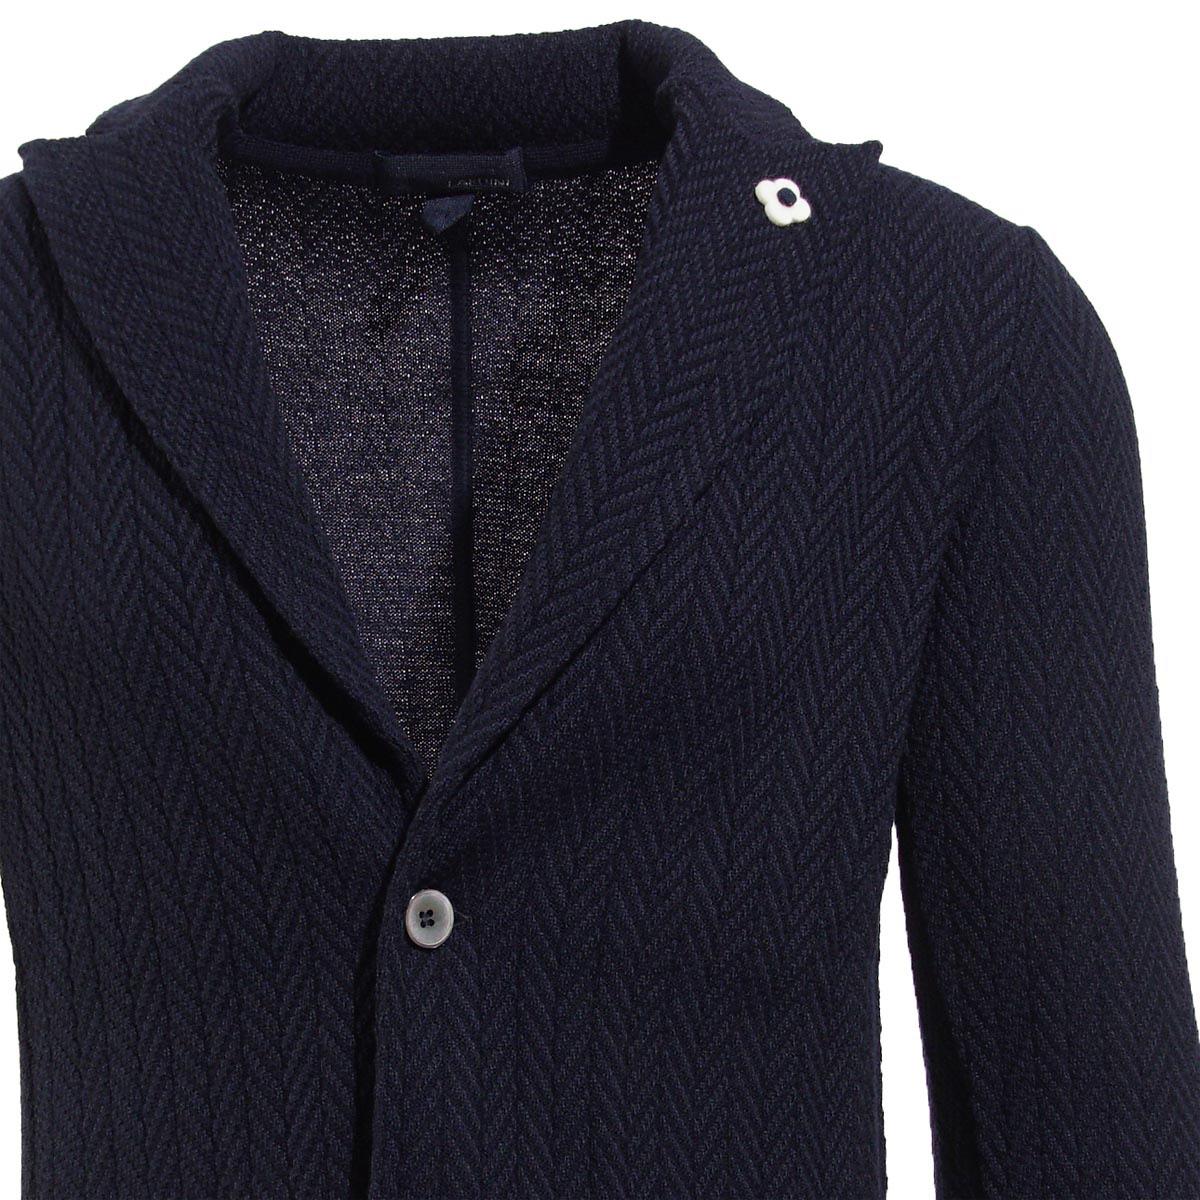 ラルディーニ LARDINI 2つボタン ニットジャケット ブルー メンズ ニット カジュアル モード igljm20 51033 850 MONO PEAKED【あす楽対応_関東】【ラッピング無料】【返品送料無料】【180713】